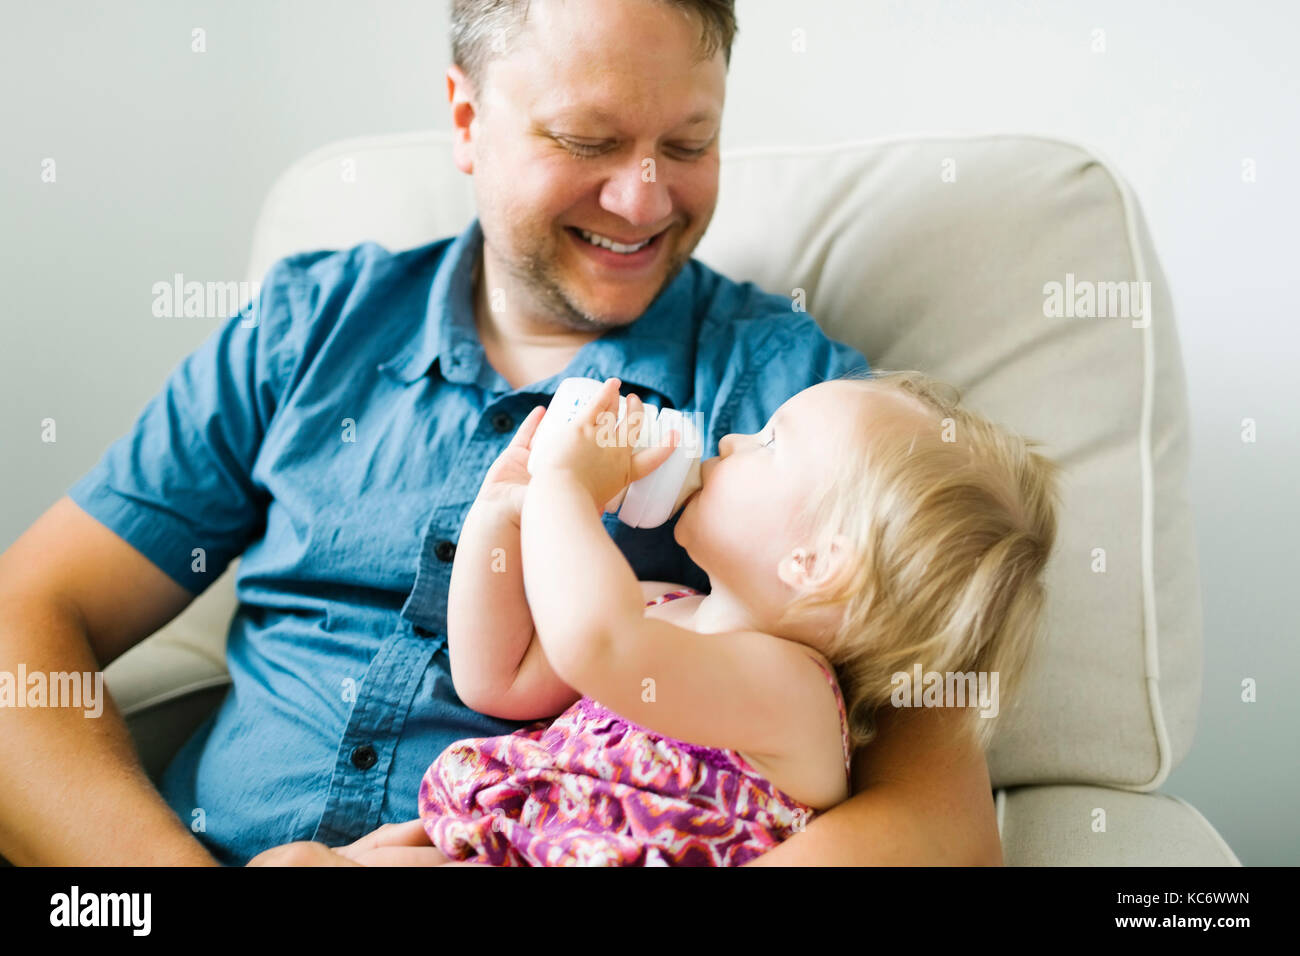 Padre niña de alimentación (12-17 meses) en la sala de estar Imagen De Stock